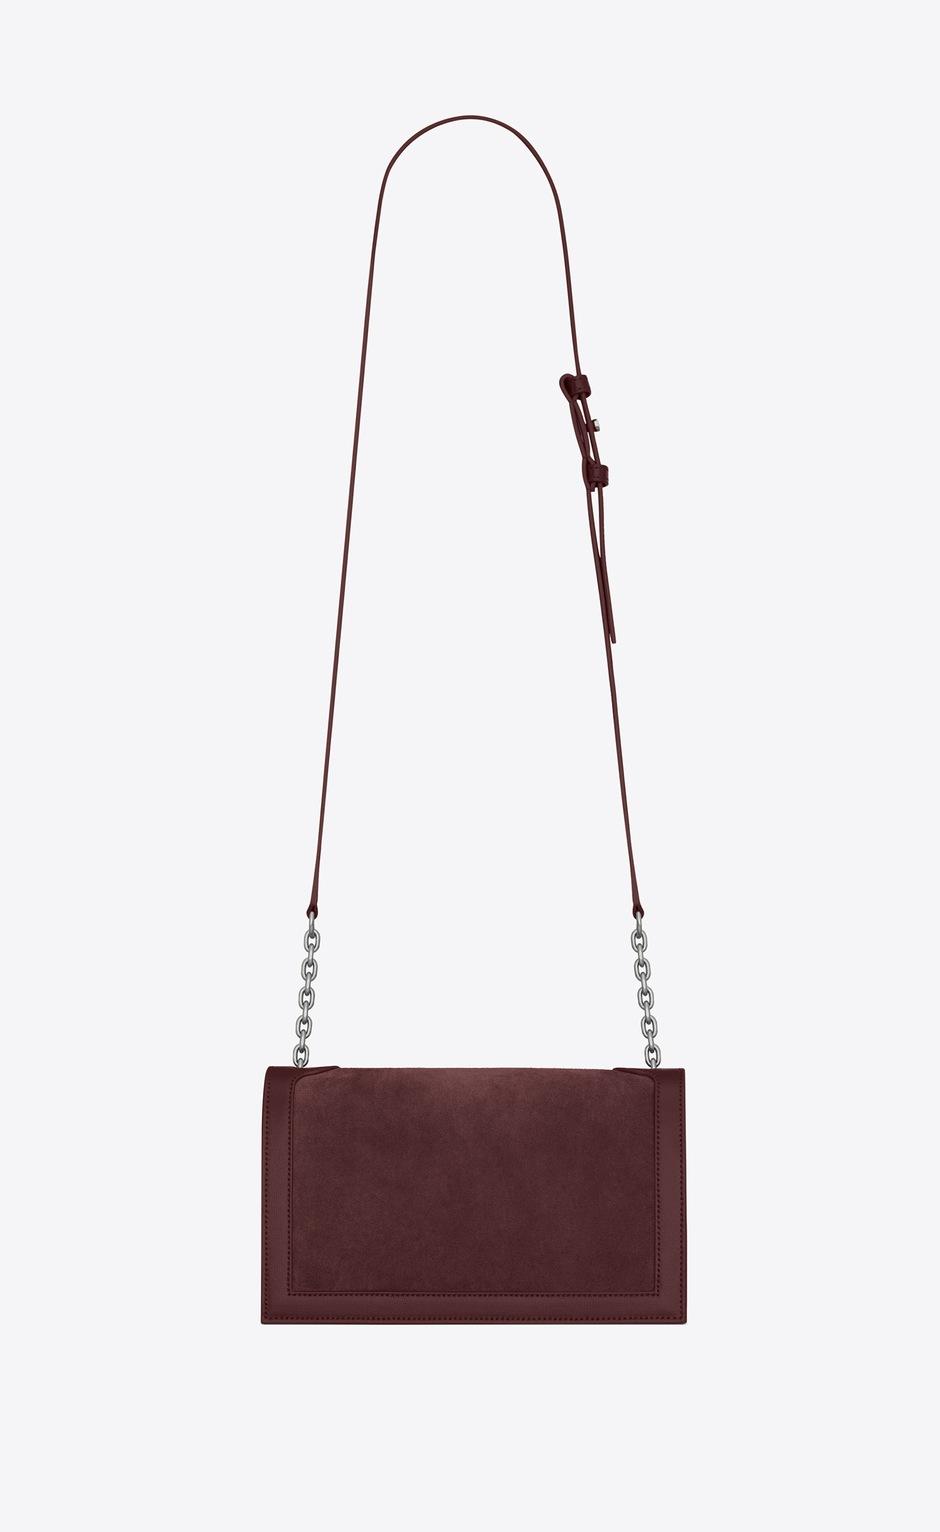 유럽직배송 입생로랑 SAINT LAURENT BOOK BAG in suede and smooth leather 5327560UD4J6475